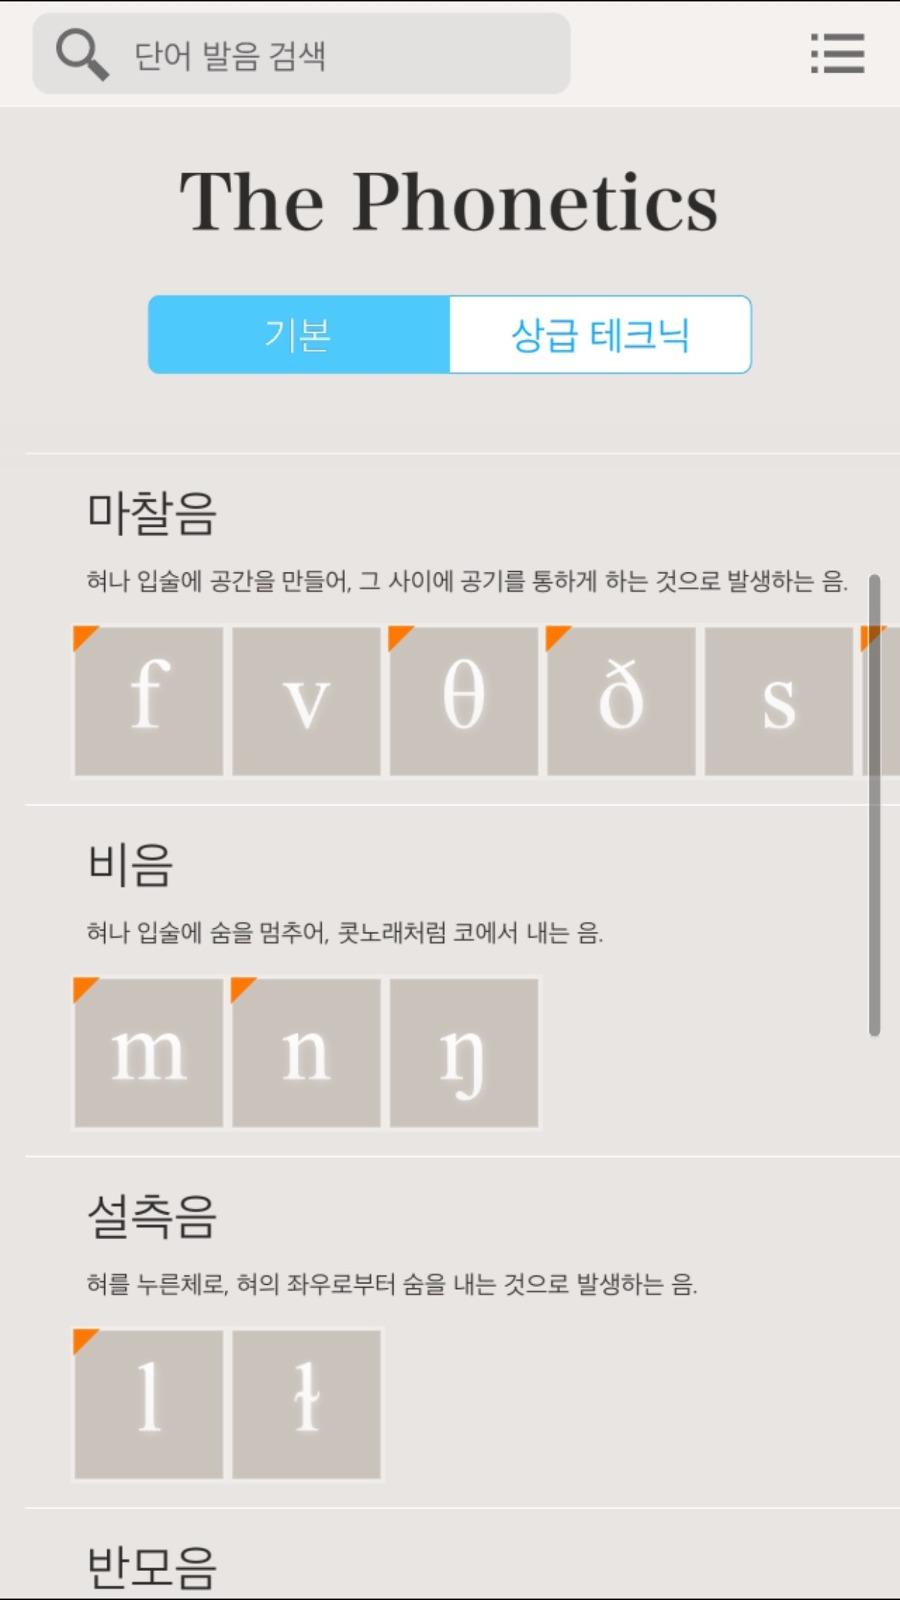 영어발음 기호앱 The Phonetics은 한글로 설명해줍니다